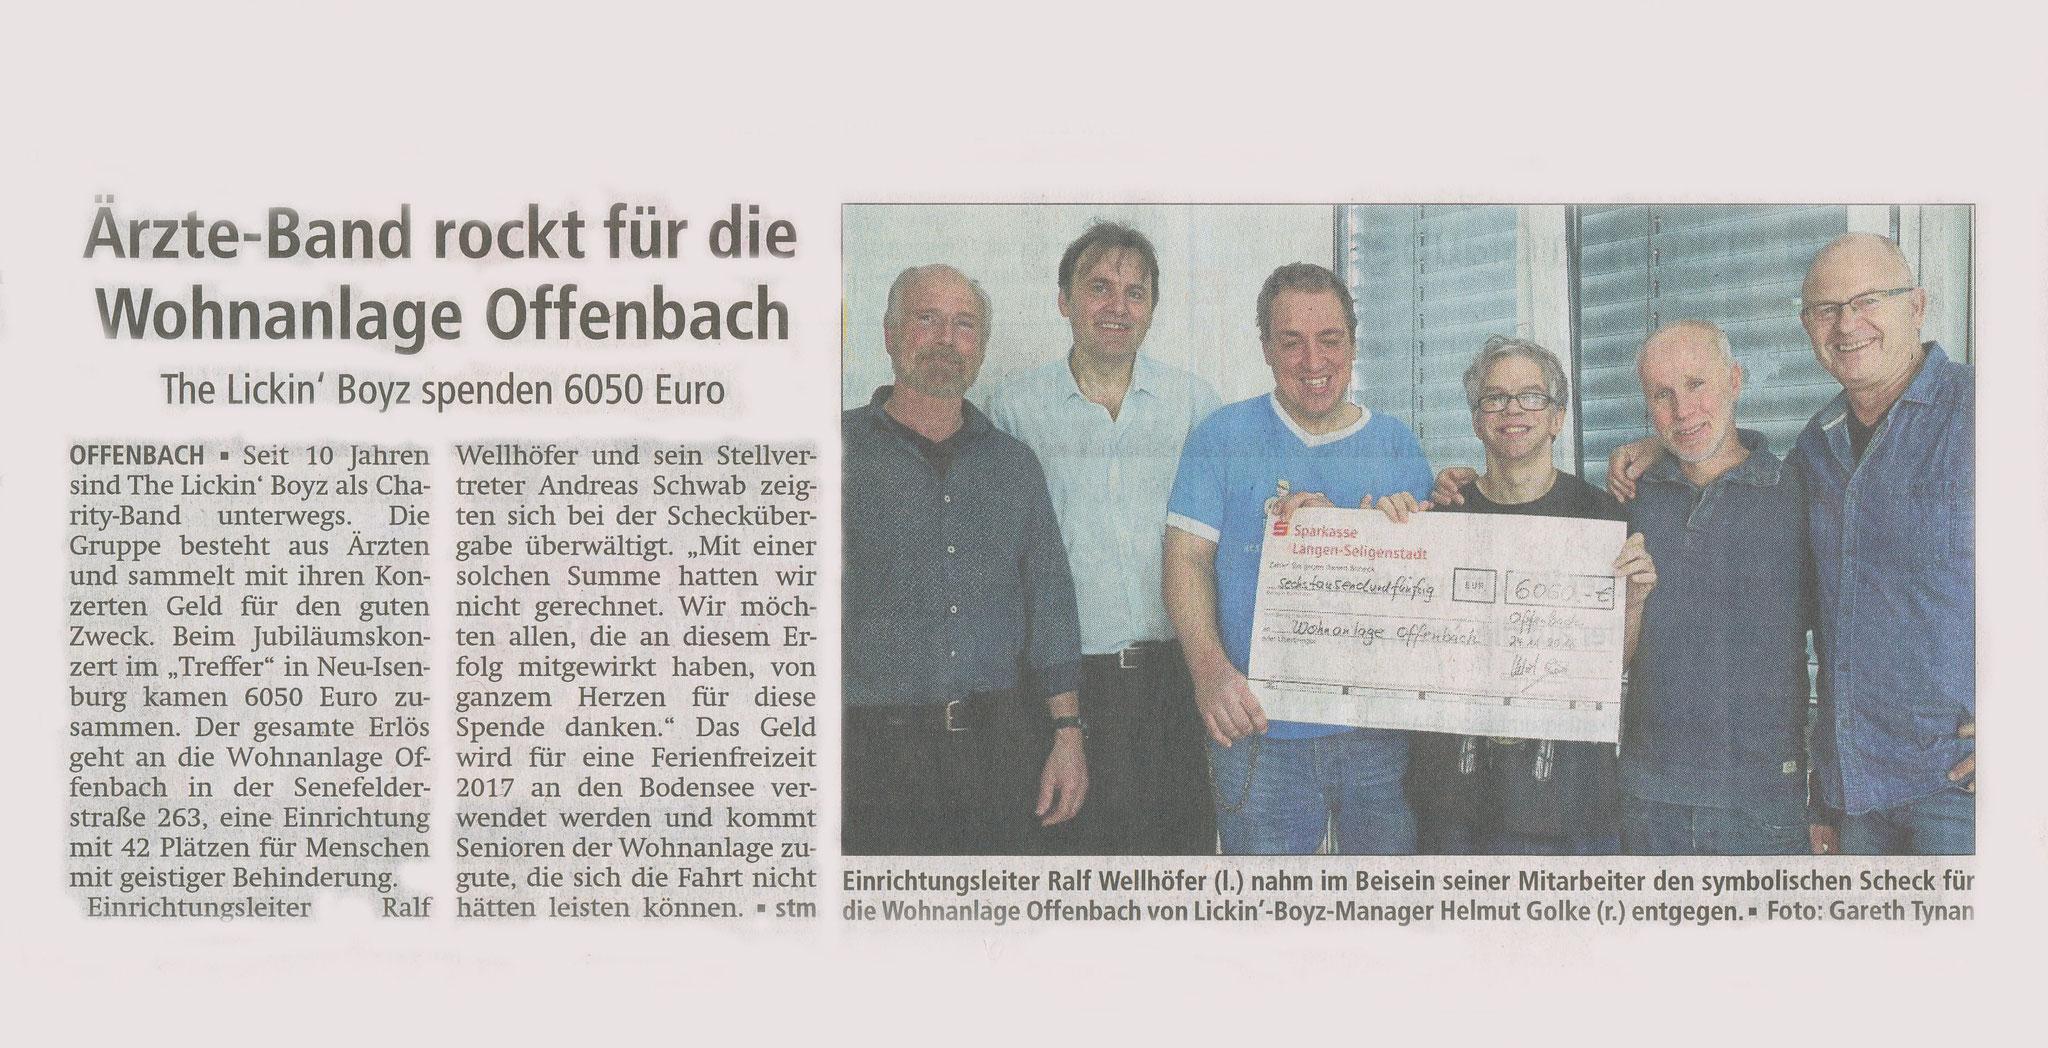 Offenbach Post, 1. Dezember 2016